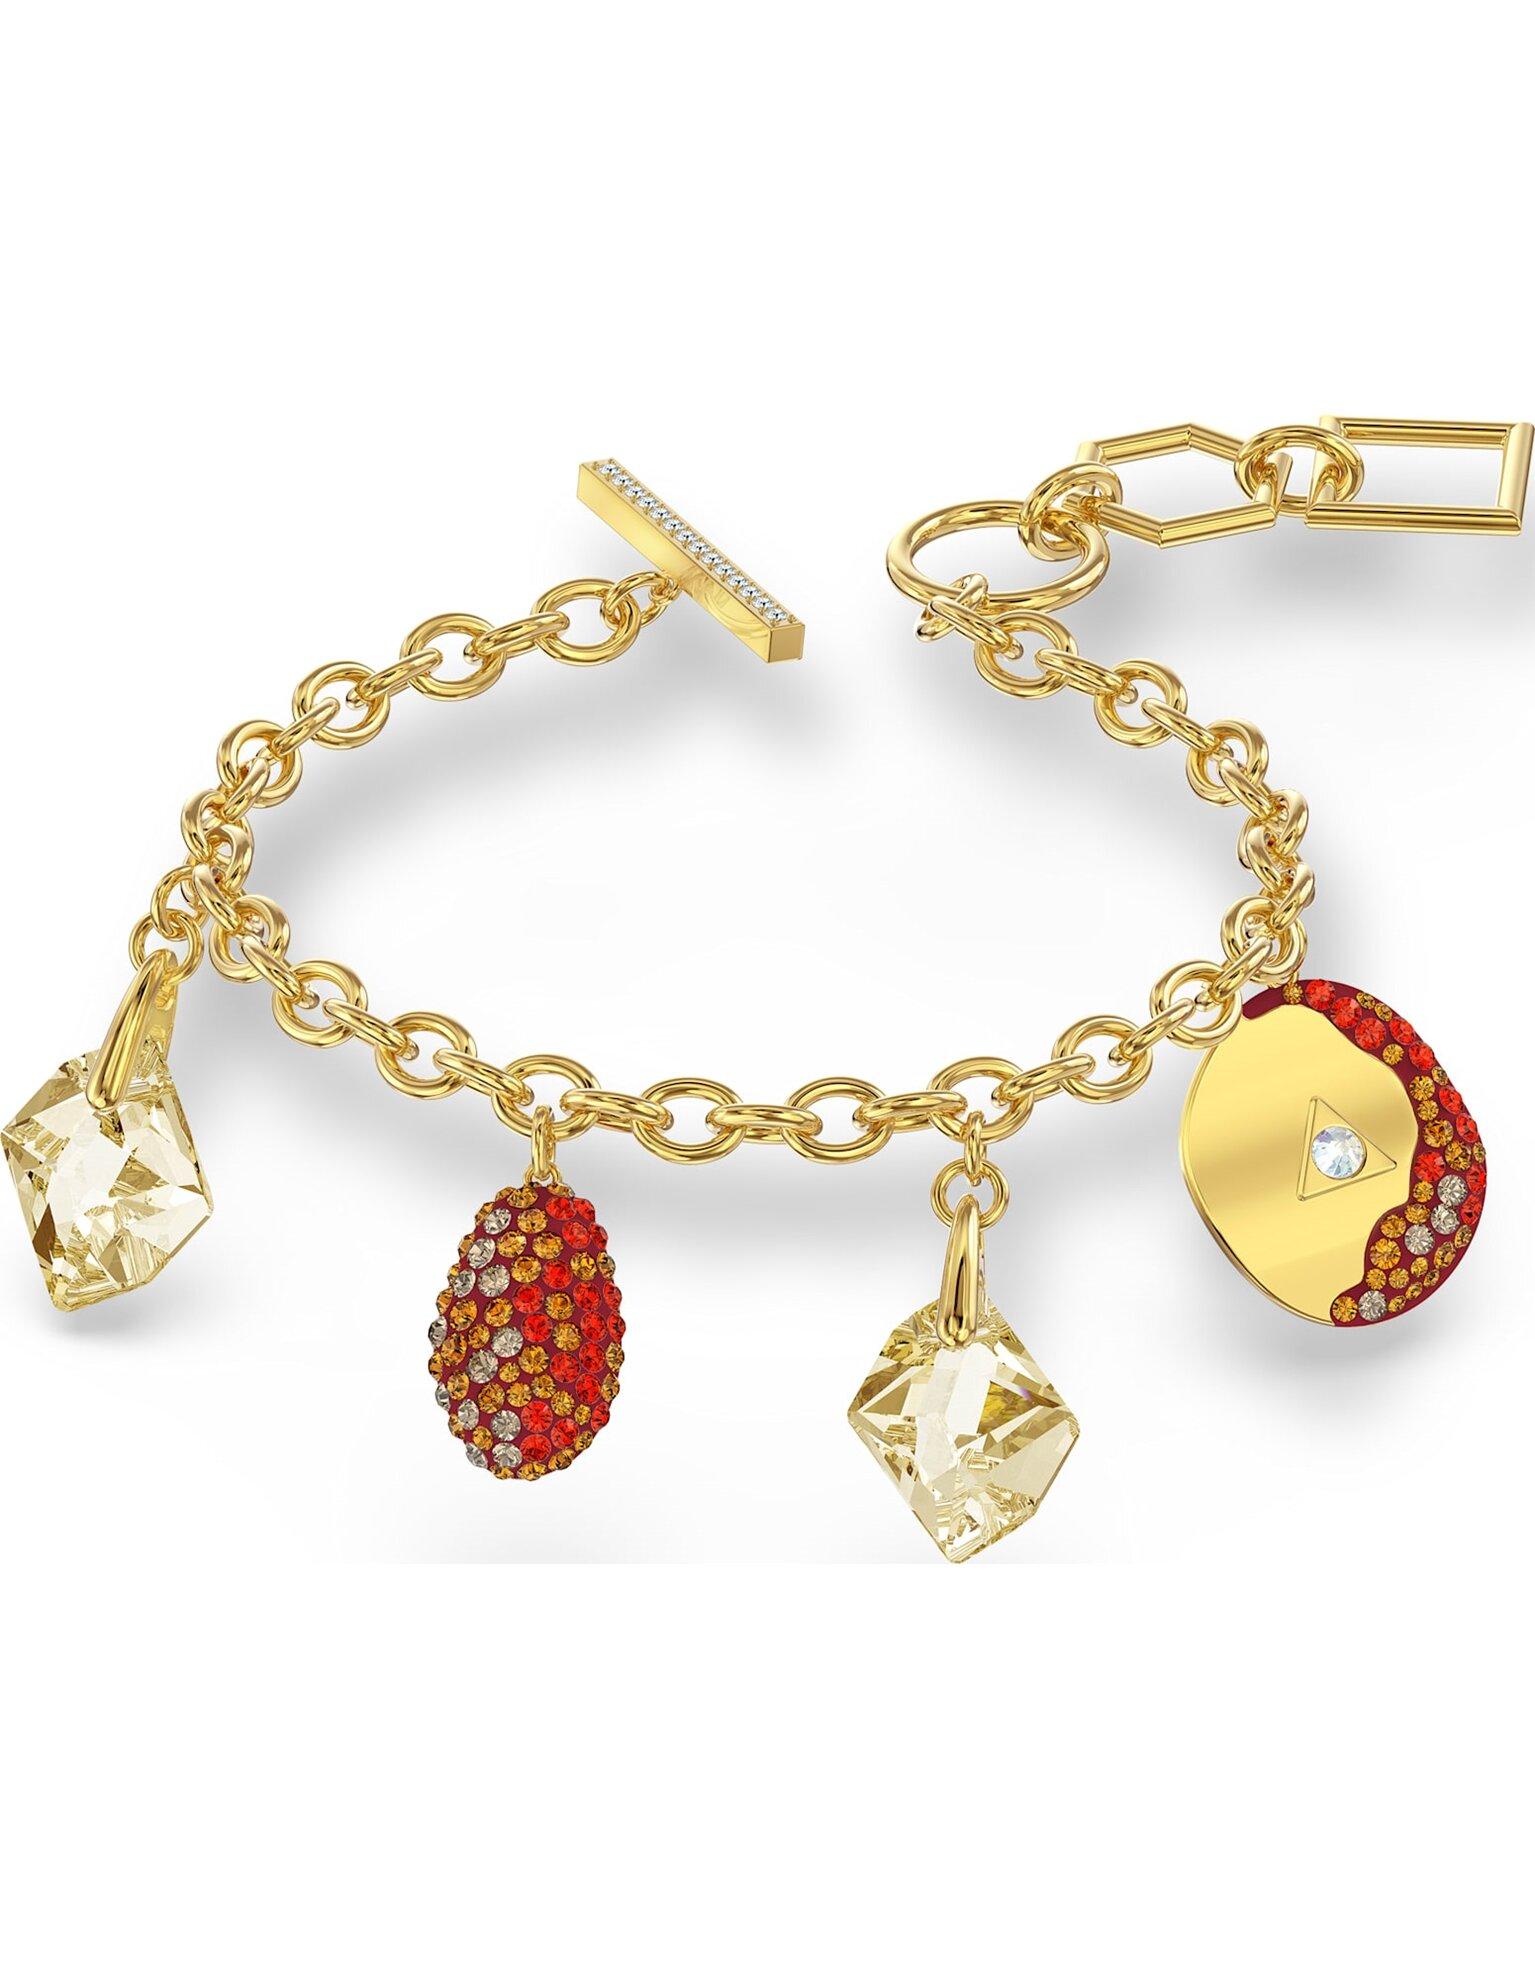 Picture of The Elements Bileklik, Kırmızı, Altın rengi kaplama